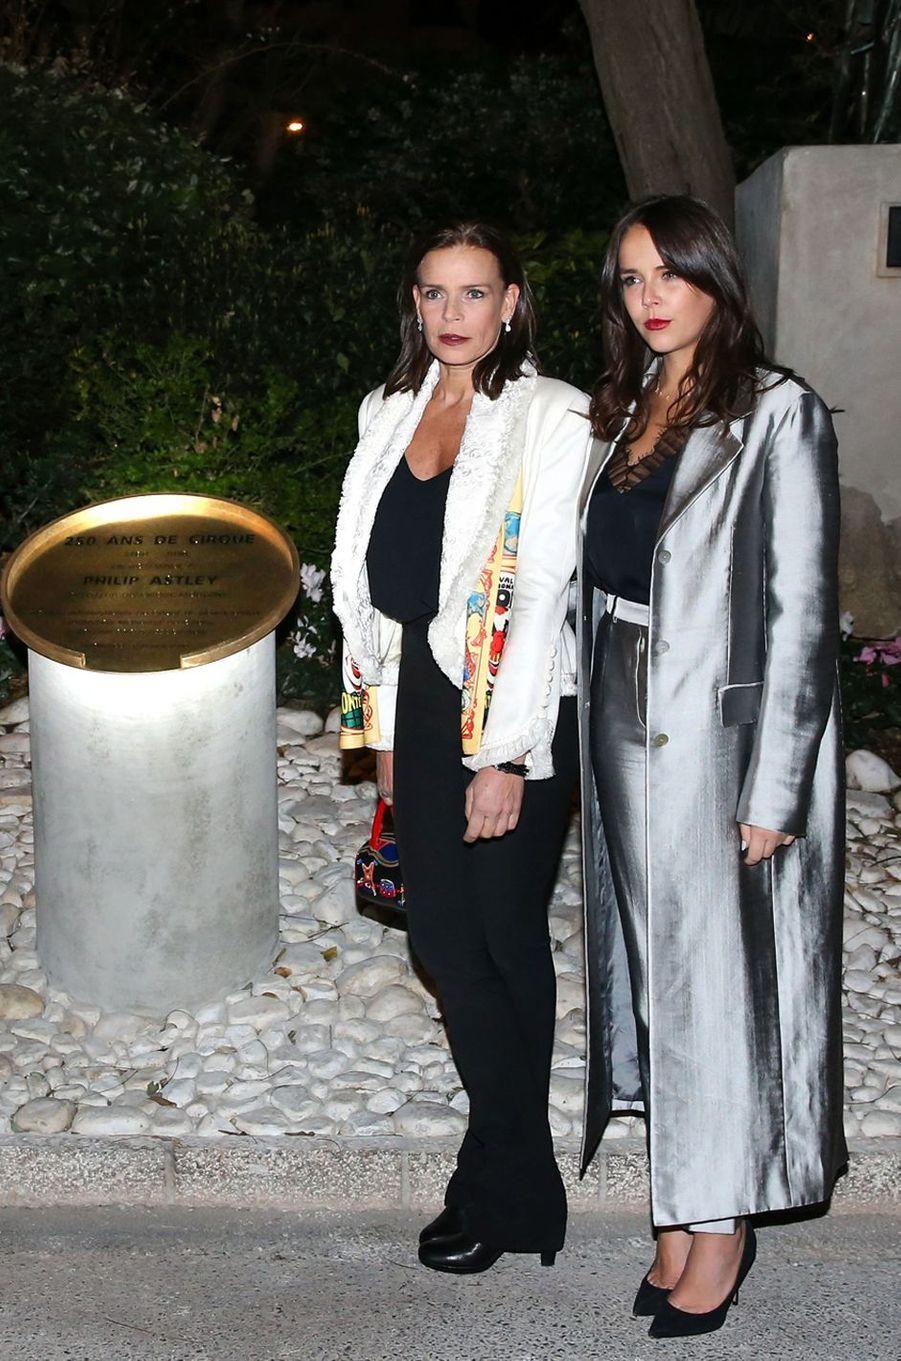 La princesse Stéphanie de Monaco et sa fille Pauline Ducruet à Monaco, le 18 janvier 2018